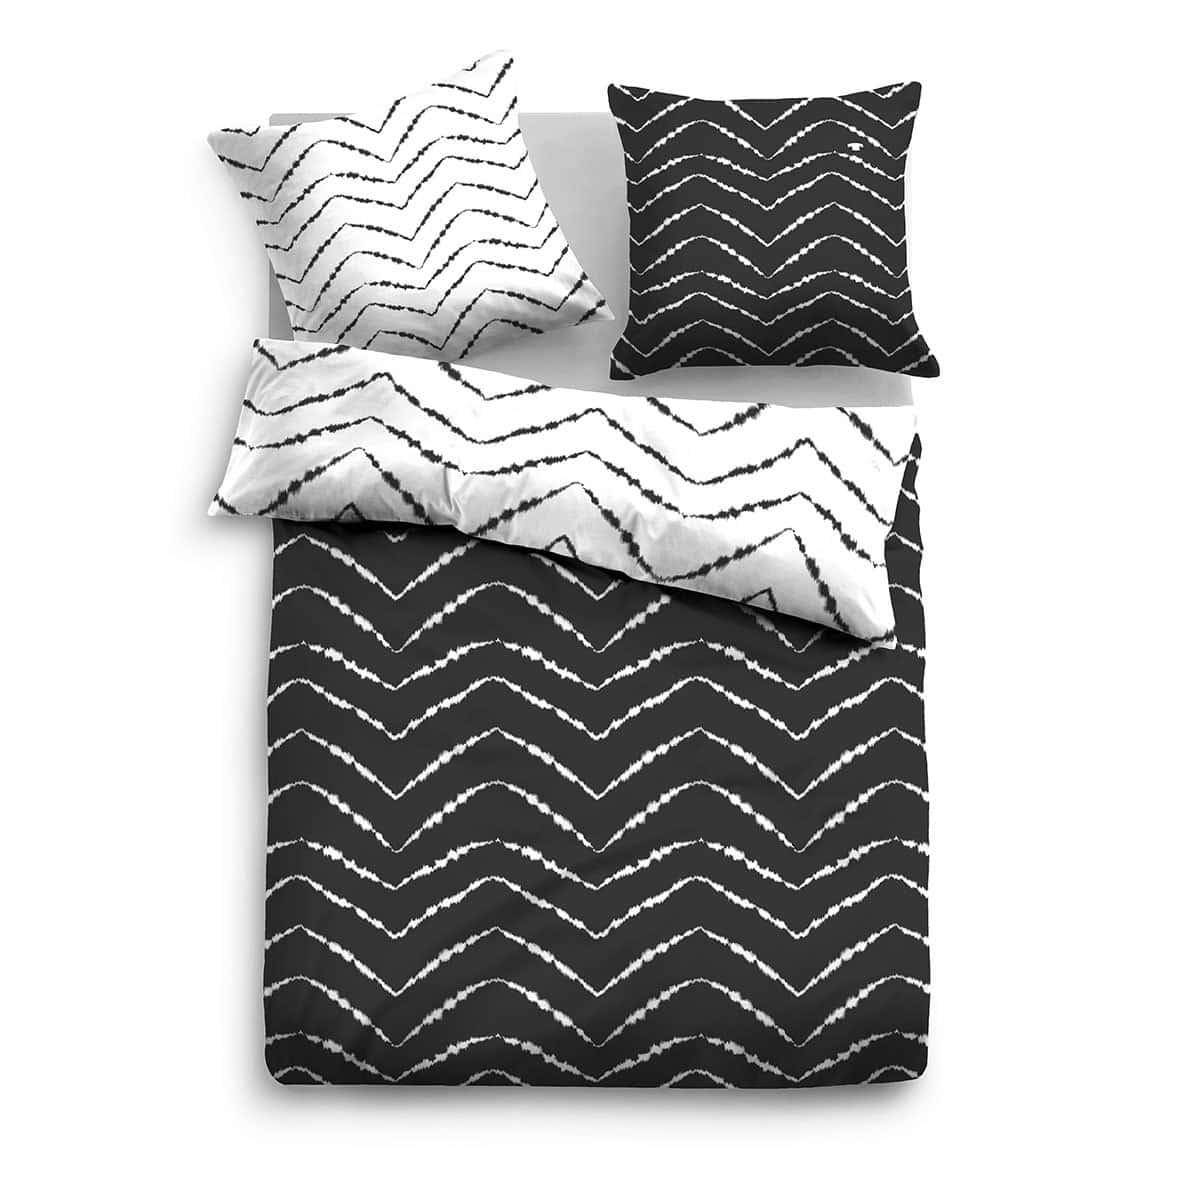 tom tailor mako satin wendebettw sche 69845 821 black g nstig online kaufen bei bettwaren shop. Black Bedroom Furniture Sets. Home Design Ideas